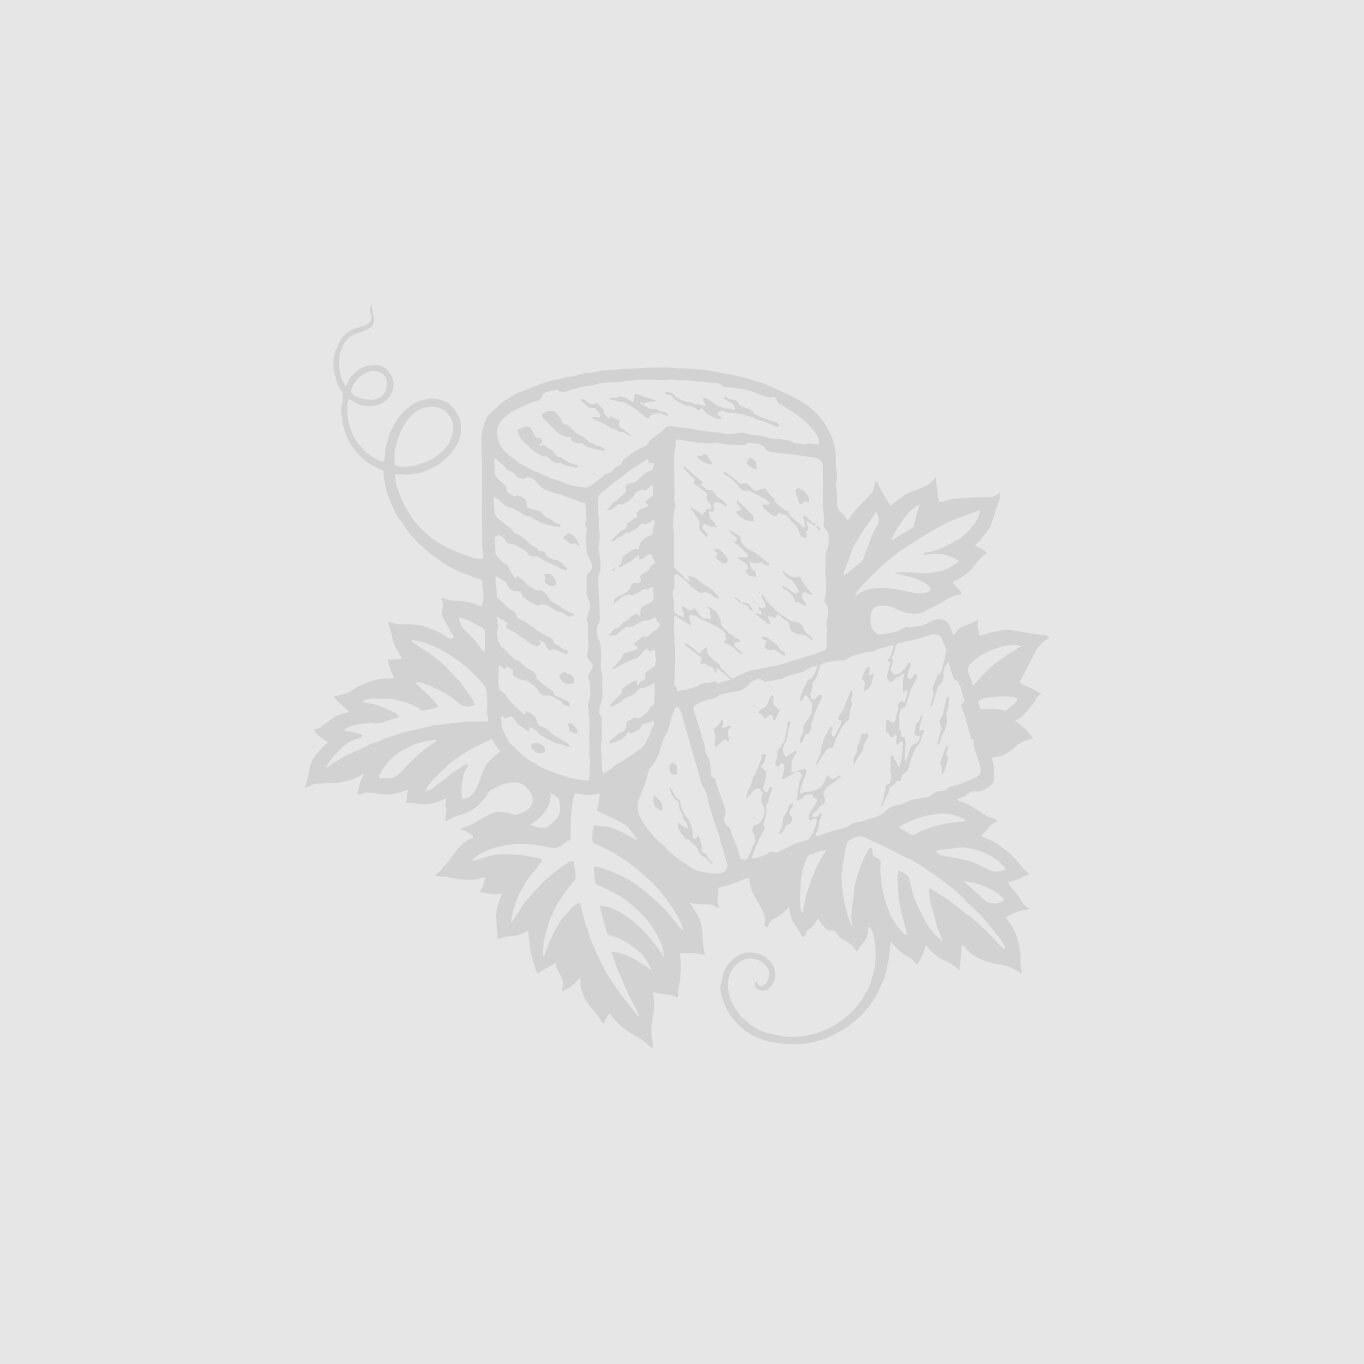 Fleurie Les Moriers Domaine Chignard 2015